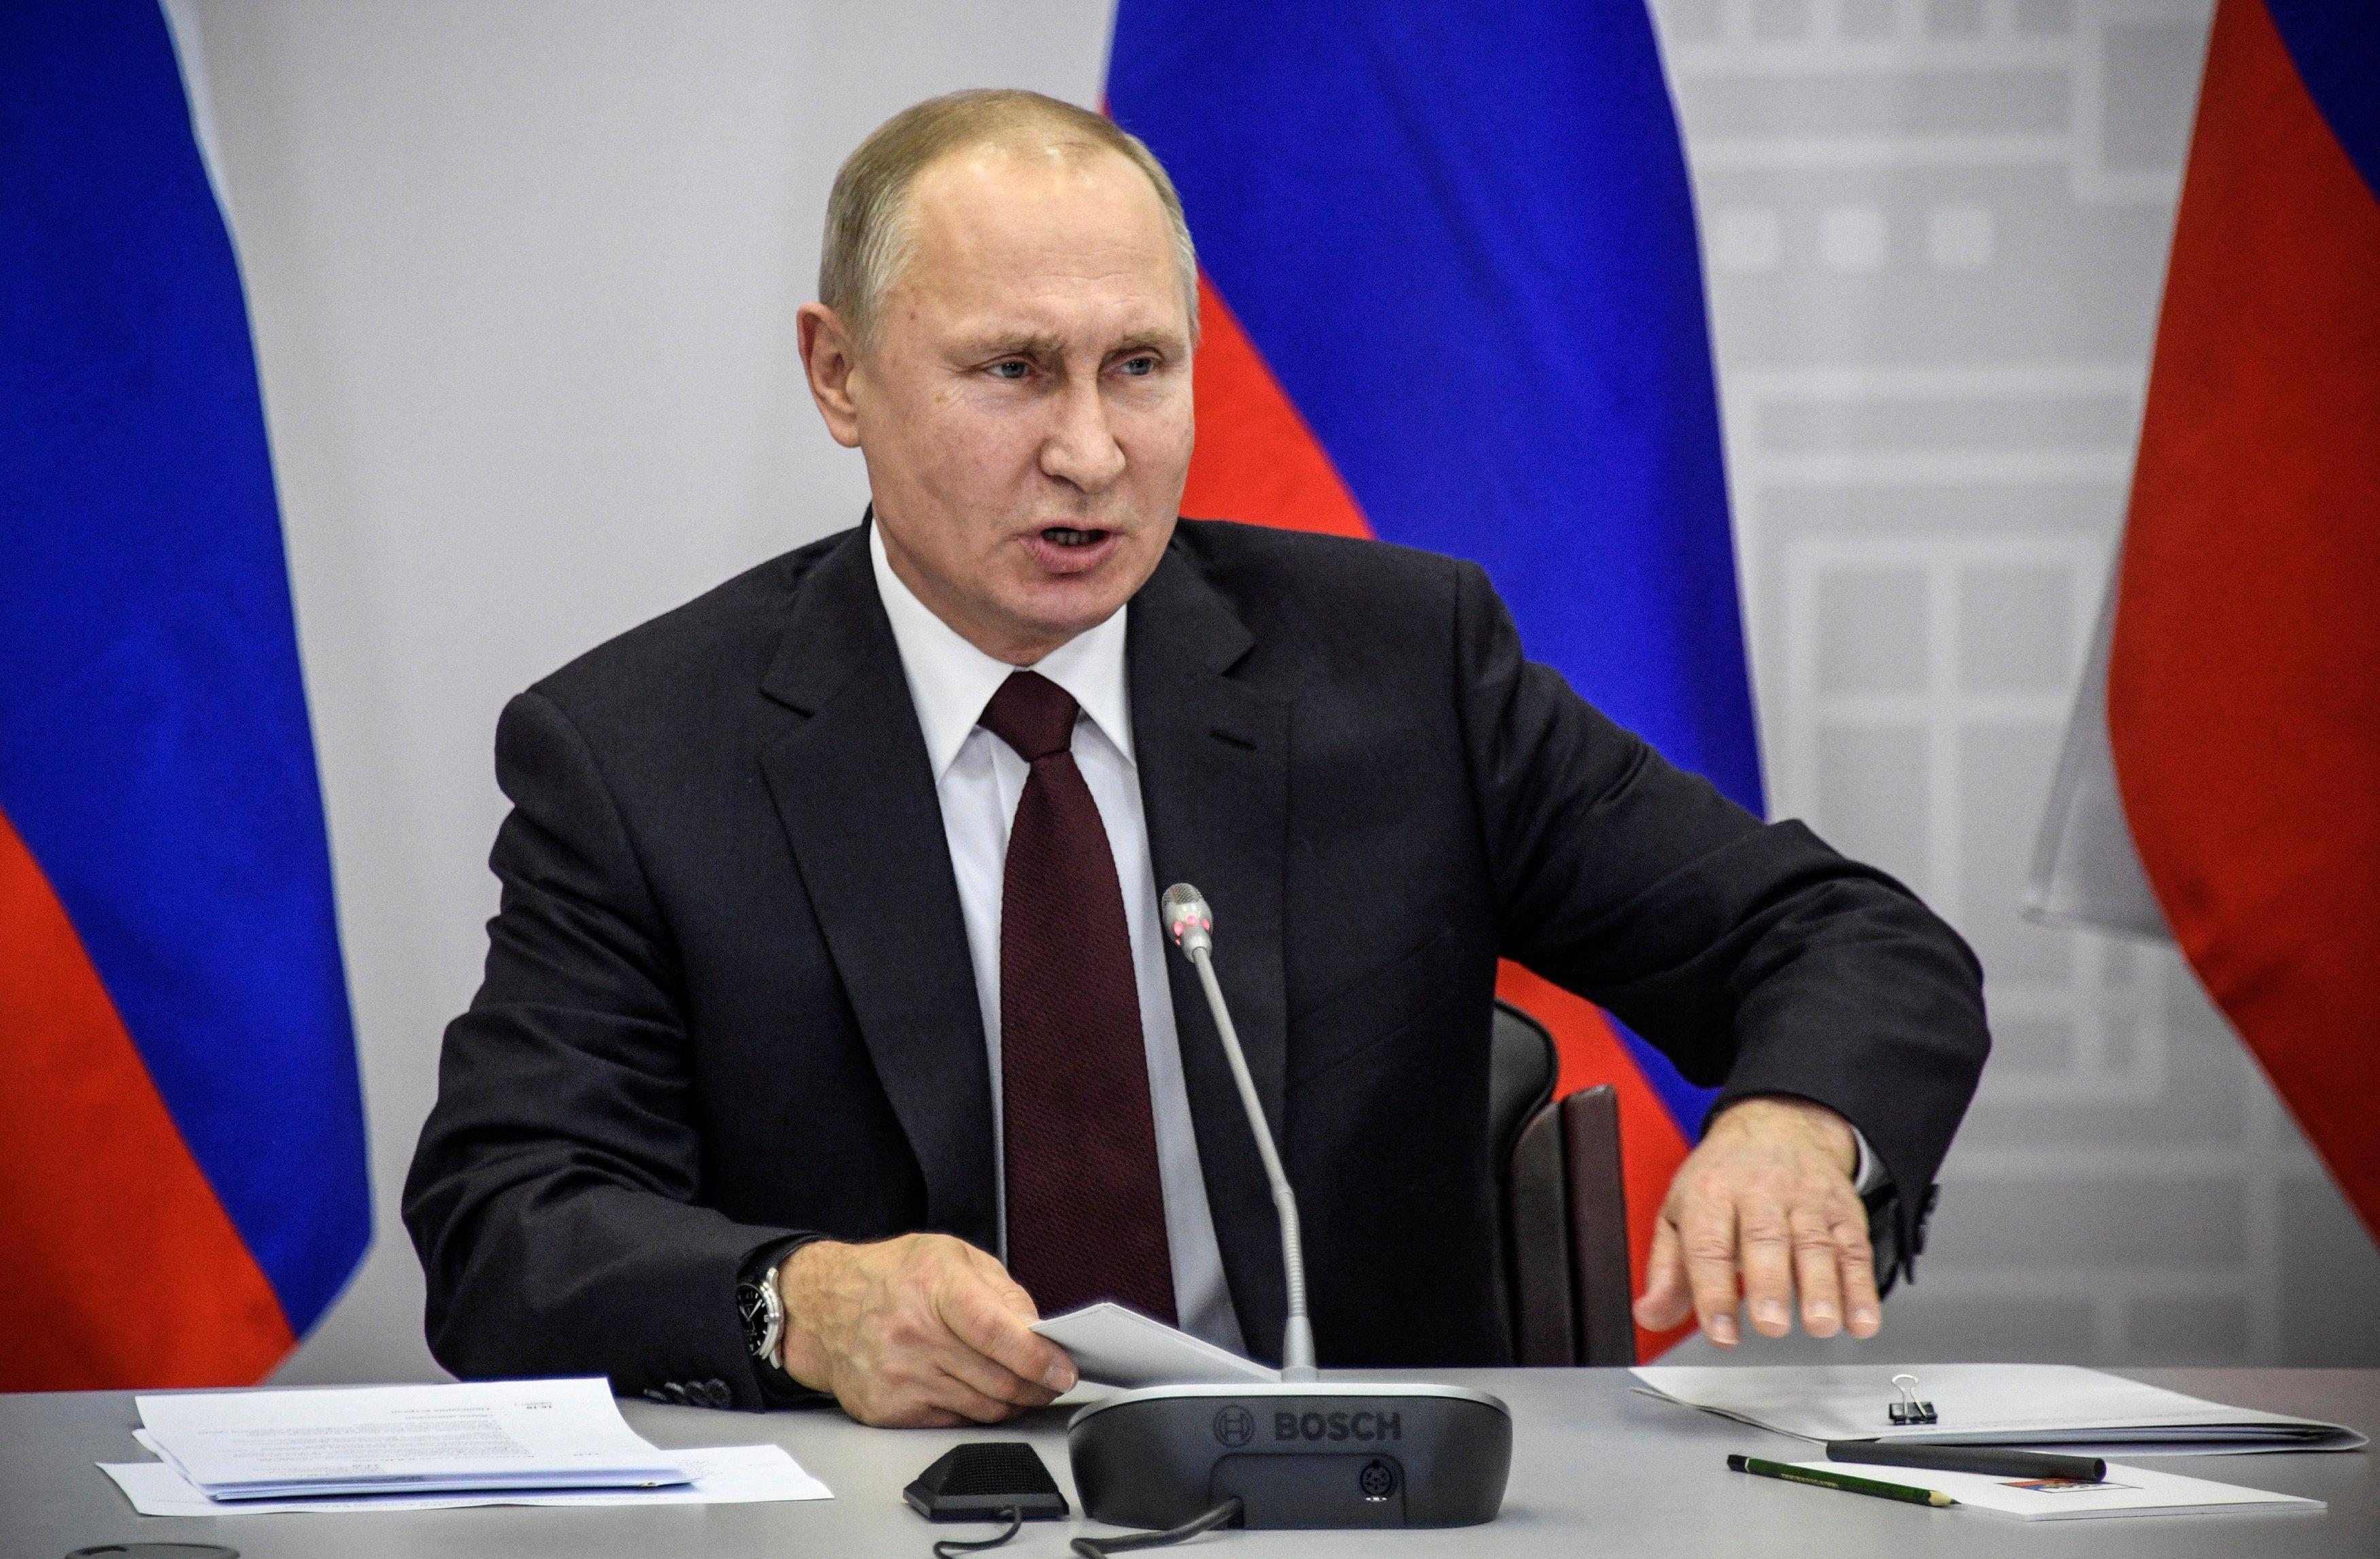 Договоренности по Донбассу выгодны Владимиру Путину, считает журналист